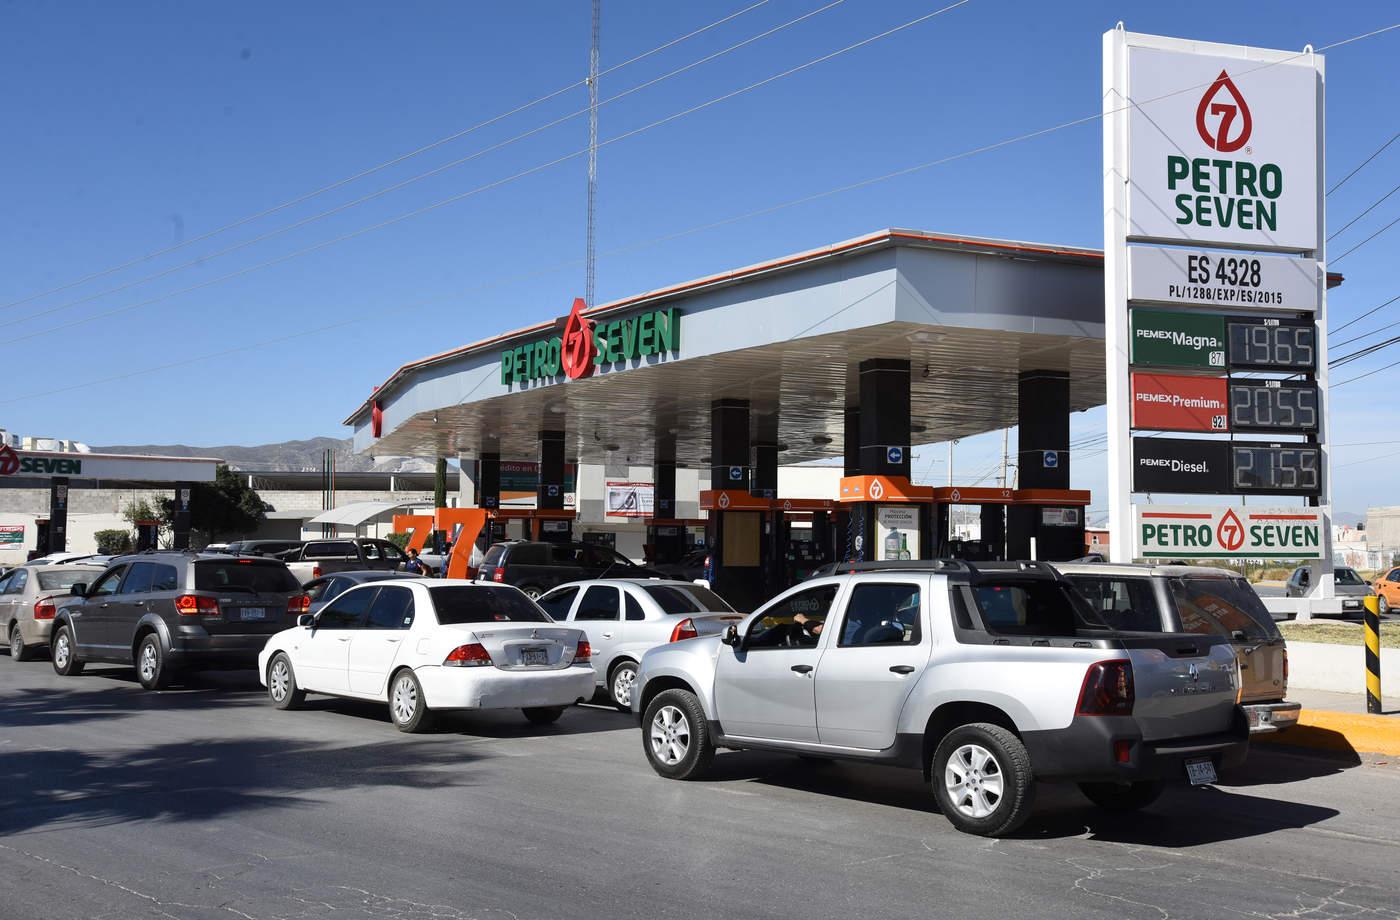 En Torreón desde la tarde, noche del sábado, empezó a generarse una situación inusual cuando decenas de ciudadanos se volcaron a surtir gasolina en tanques llenos.